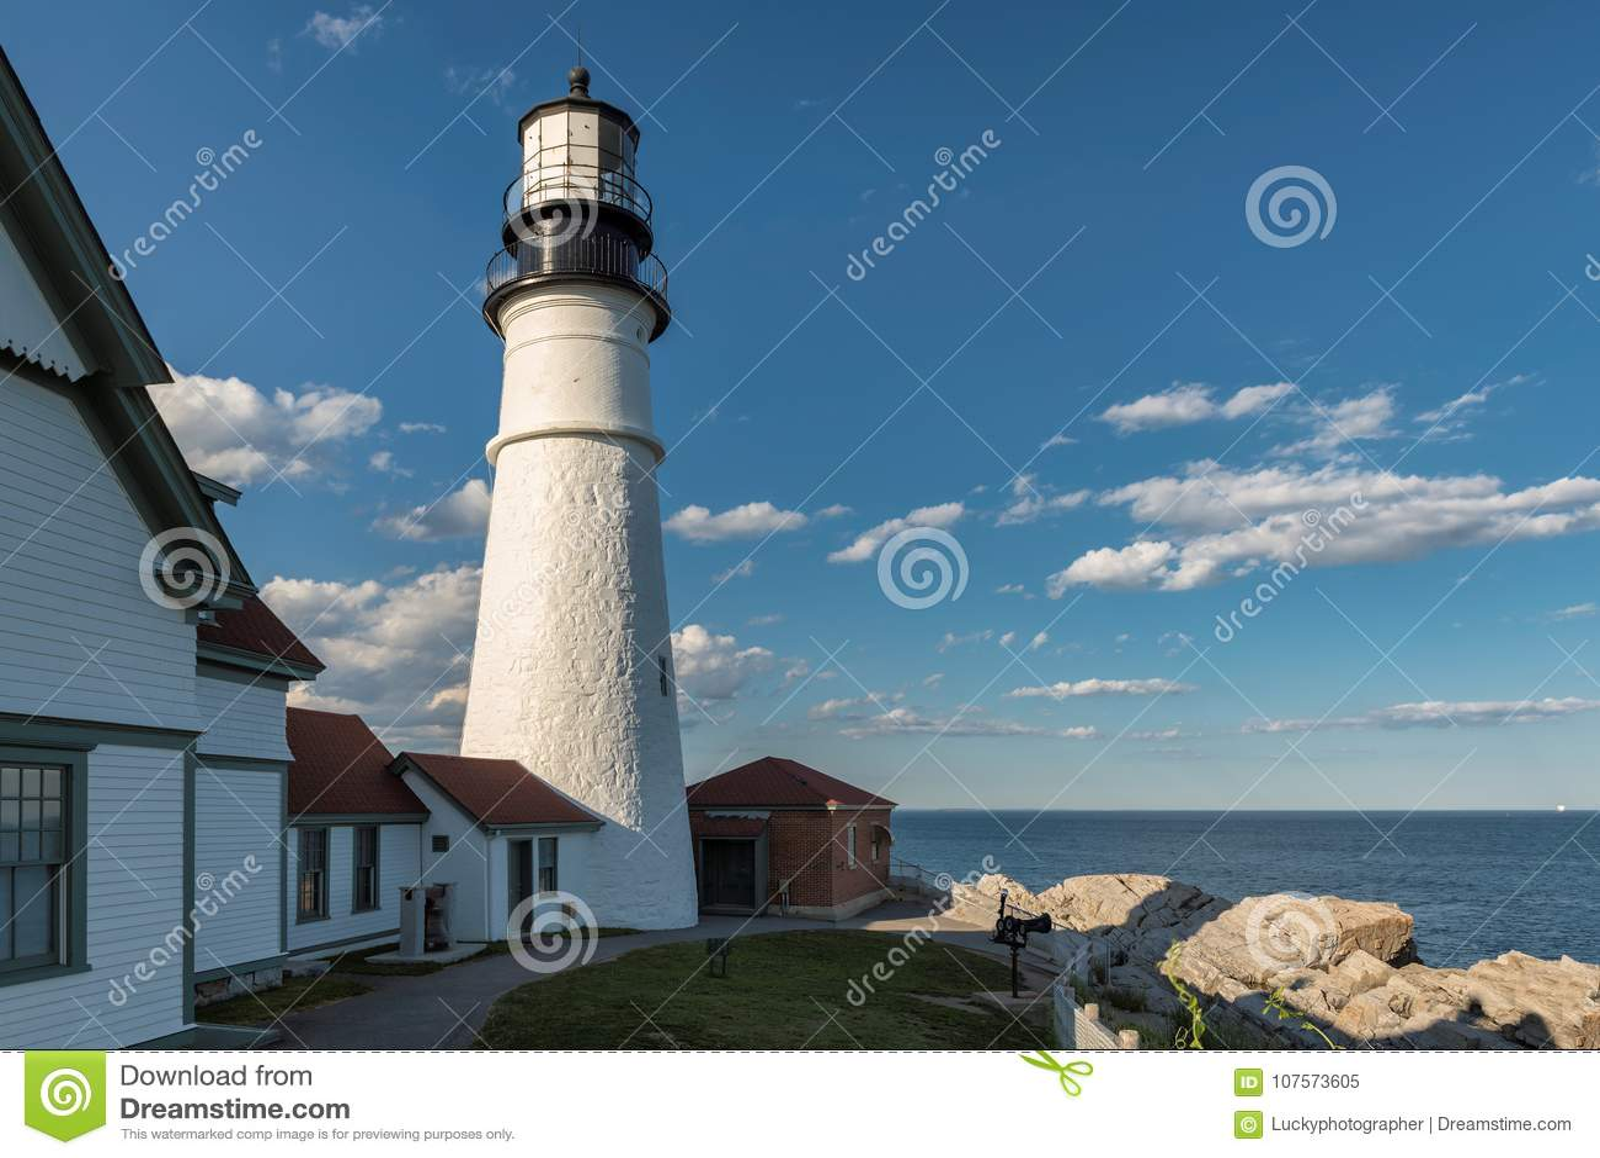 Phare de Portland dans le cap Elizabeth, Maine, Etats-Unis